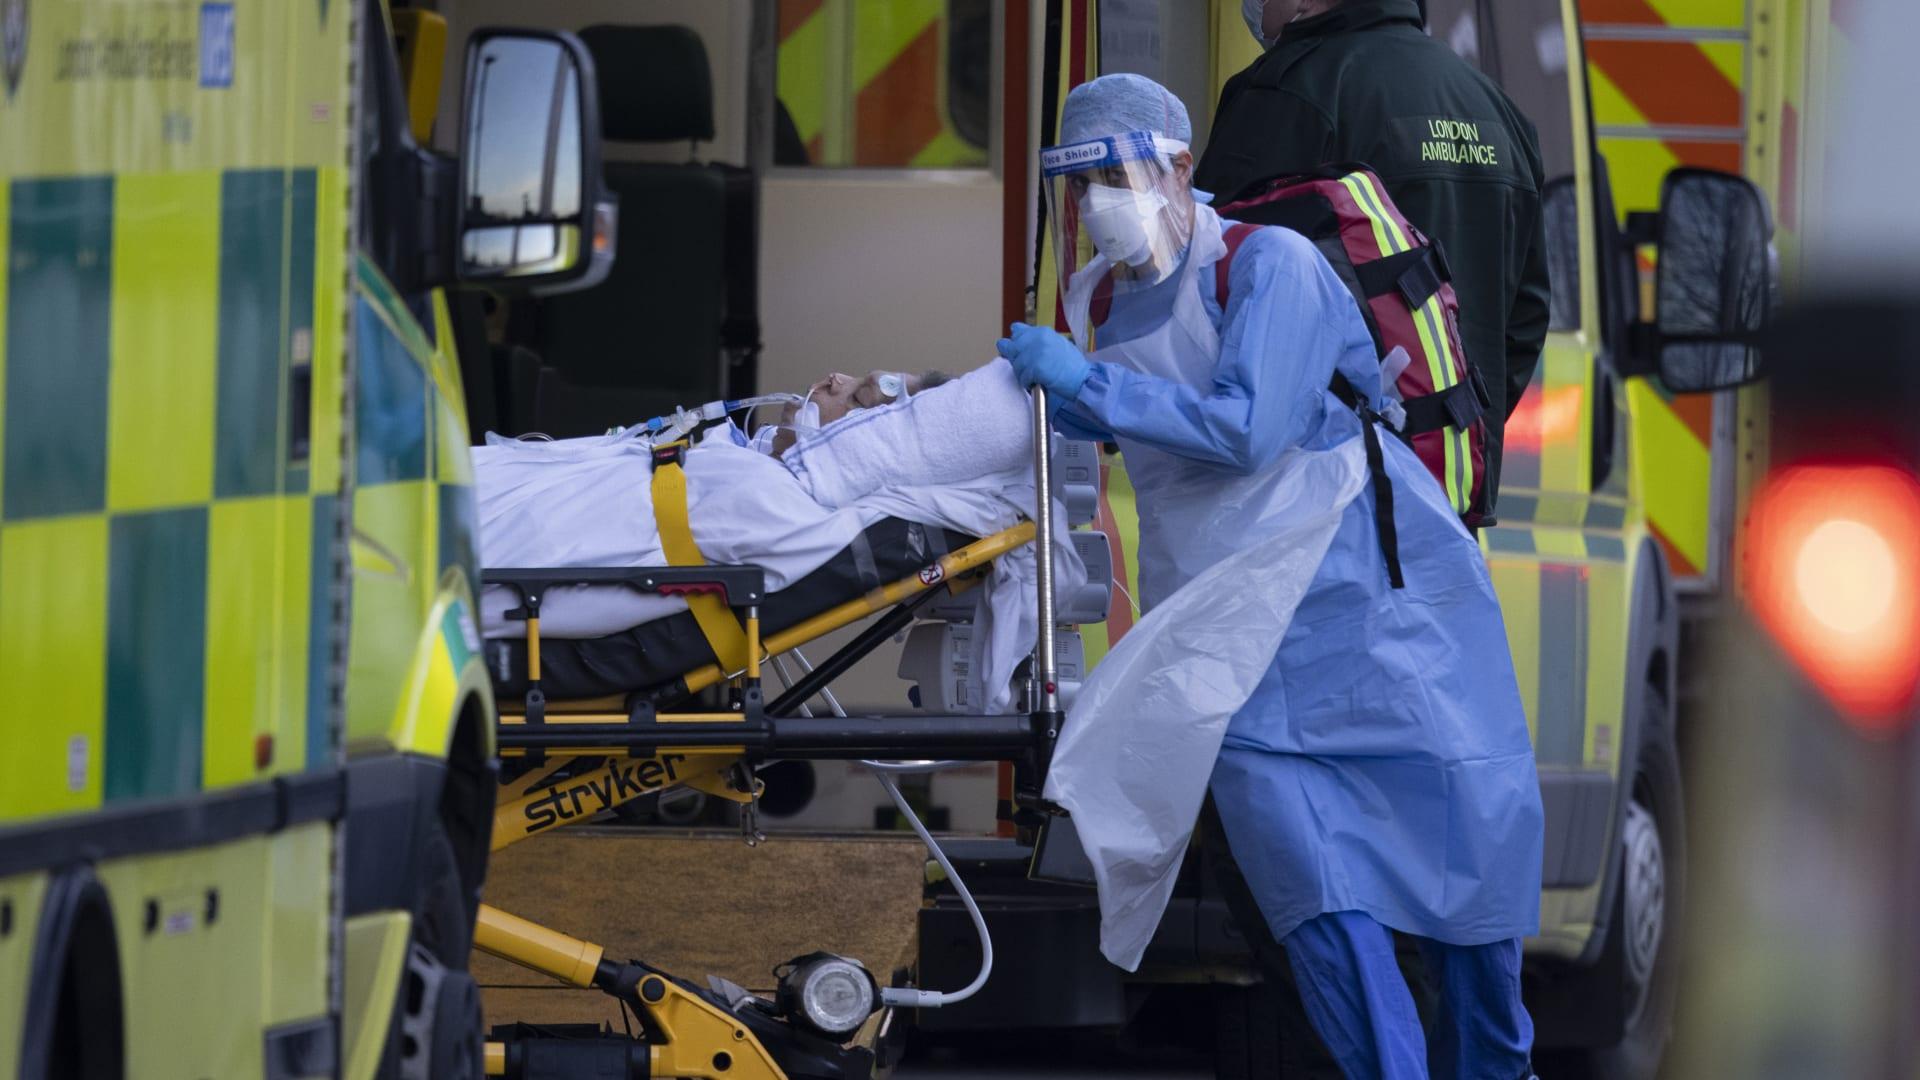 بريطانيا.. أرقام قياسية بحالات كورونا وانتظار للقاح أوكسفورد-أسترازينيكا